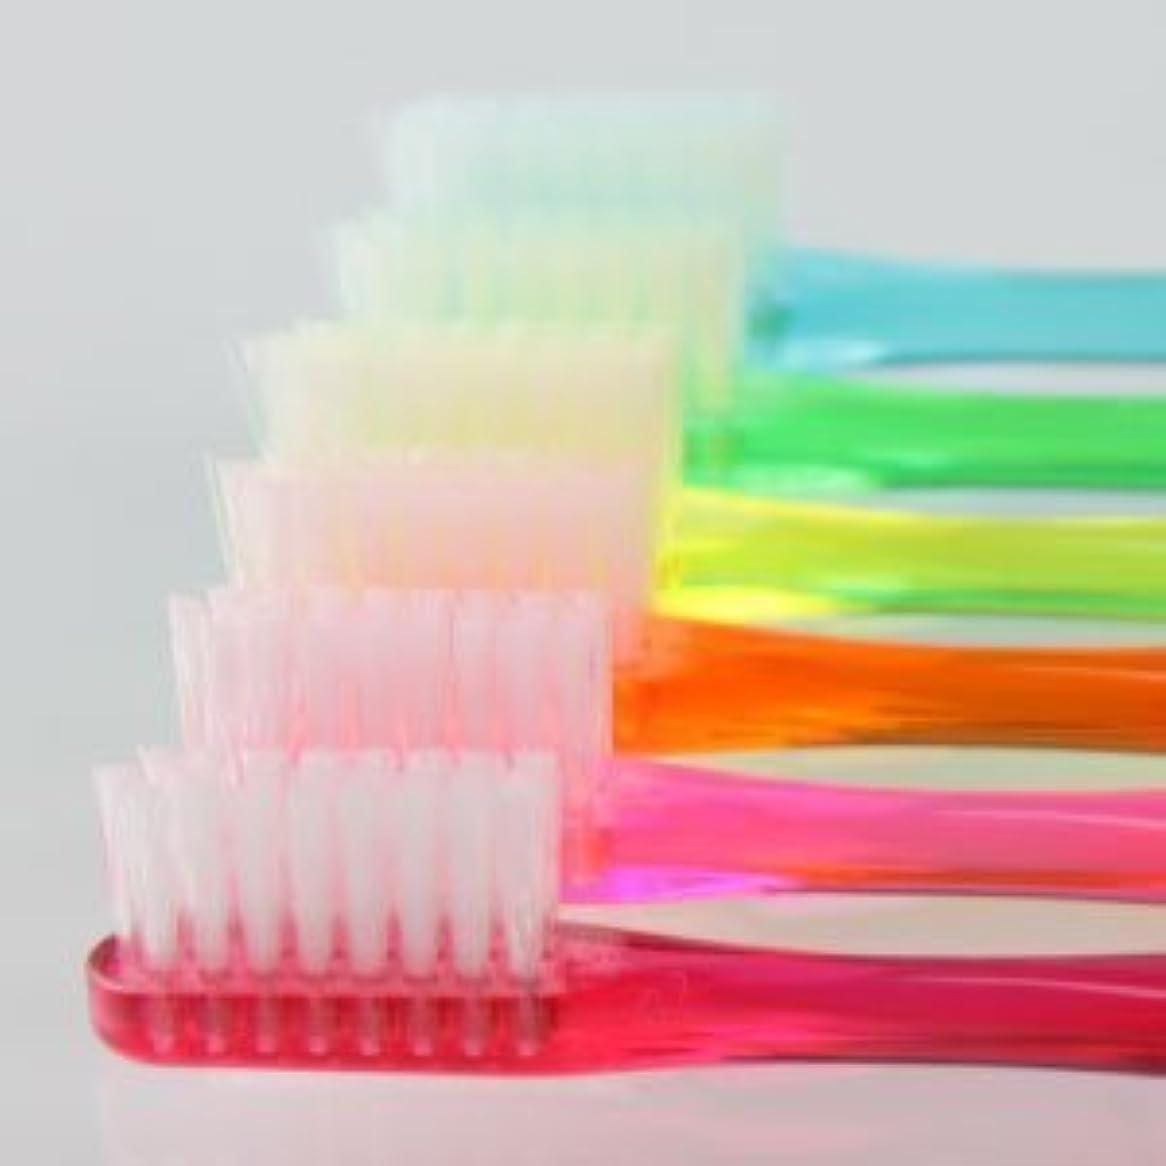 矛盾マージン危機サムフレンド 歯ブラシ #21(ミディアム) 6本 ※お色は当店お任せです